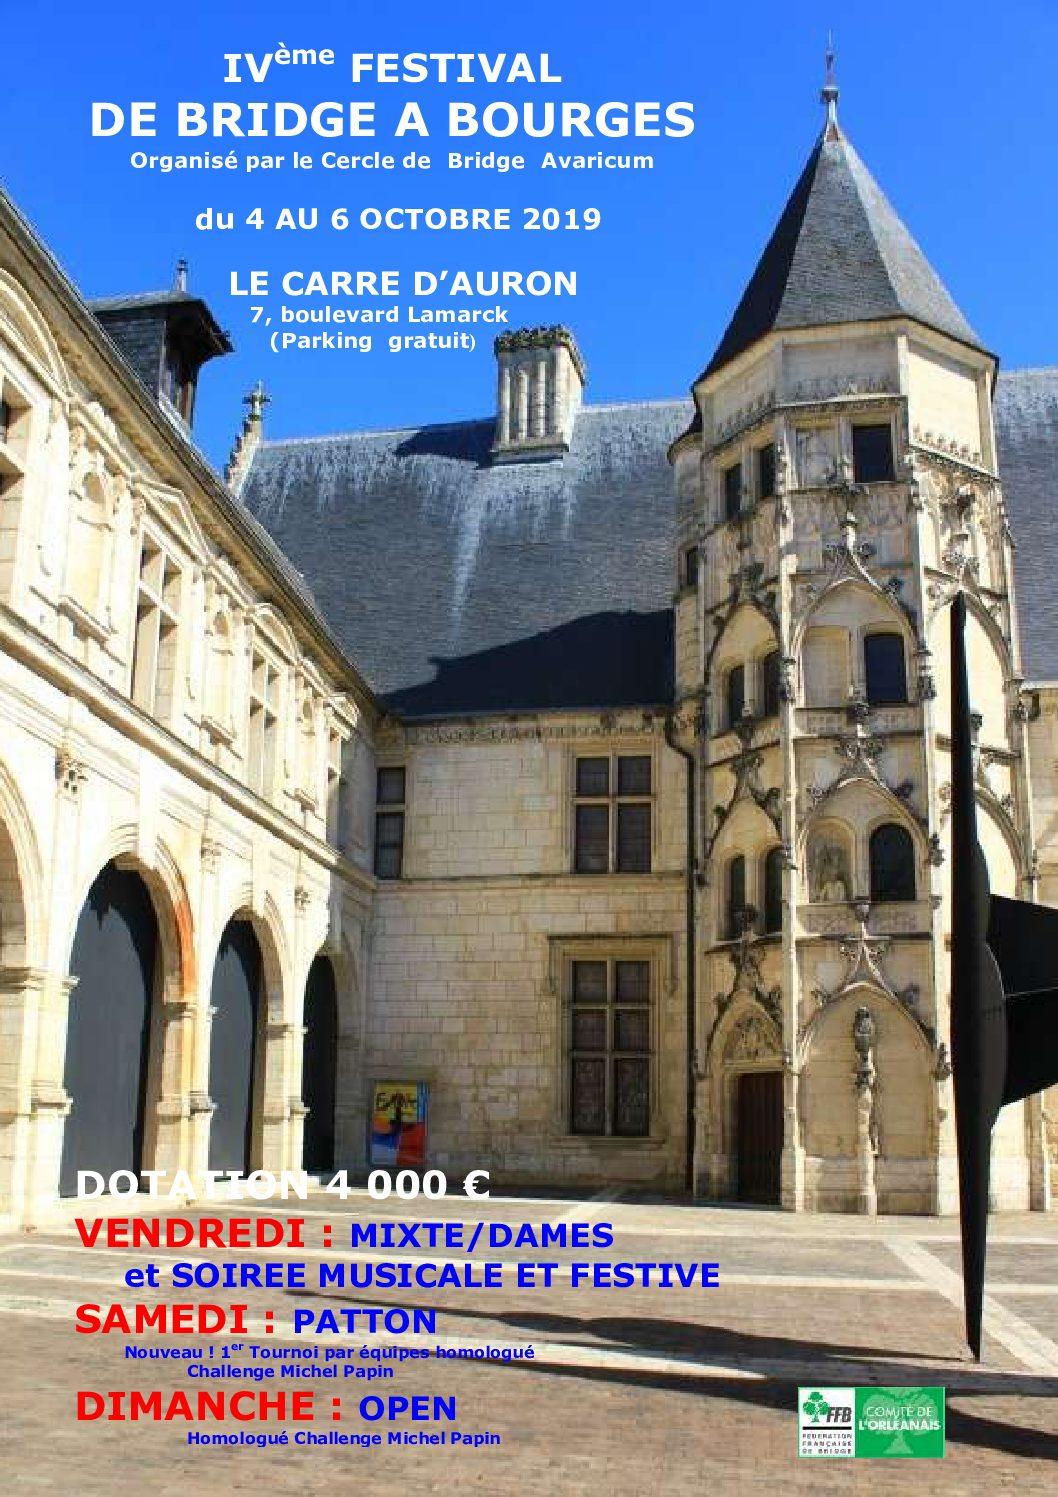 Programme 4ème festival de bridge du 4 au 6 octobre à Bourges